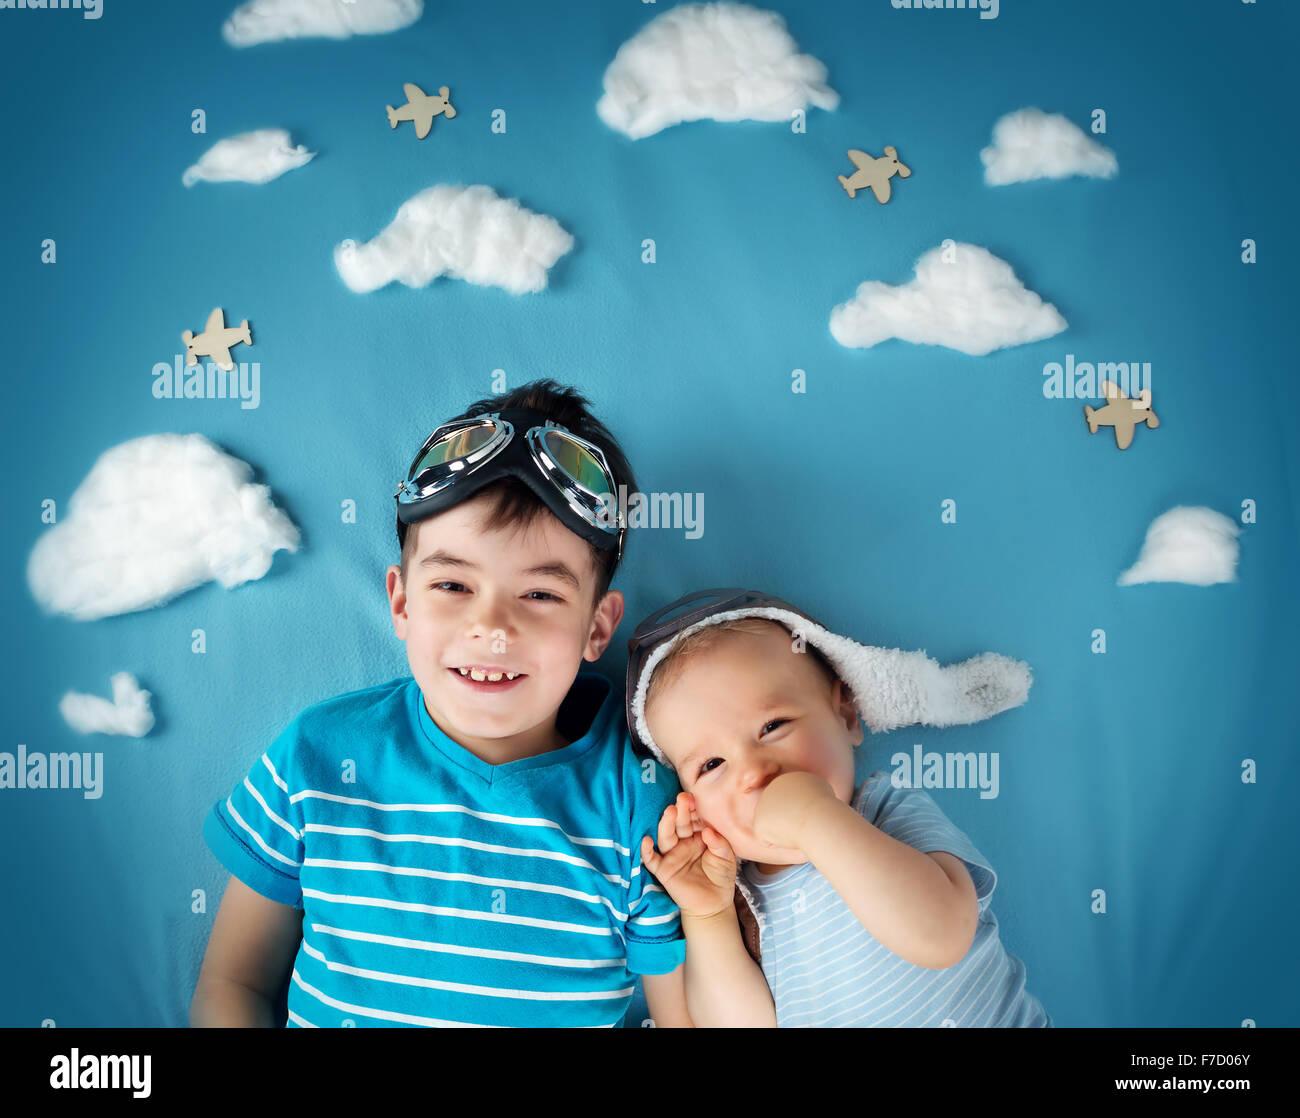 Zwei jungen auf der Decke liegend mit weißen Wolken Stockbild